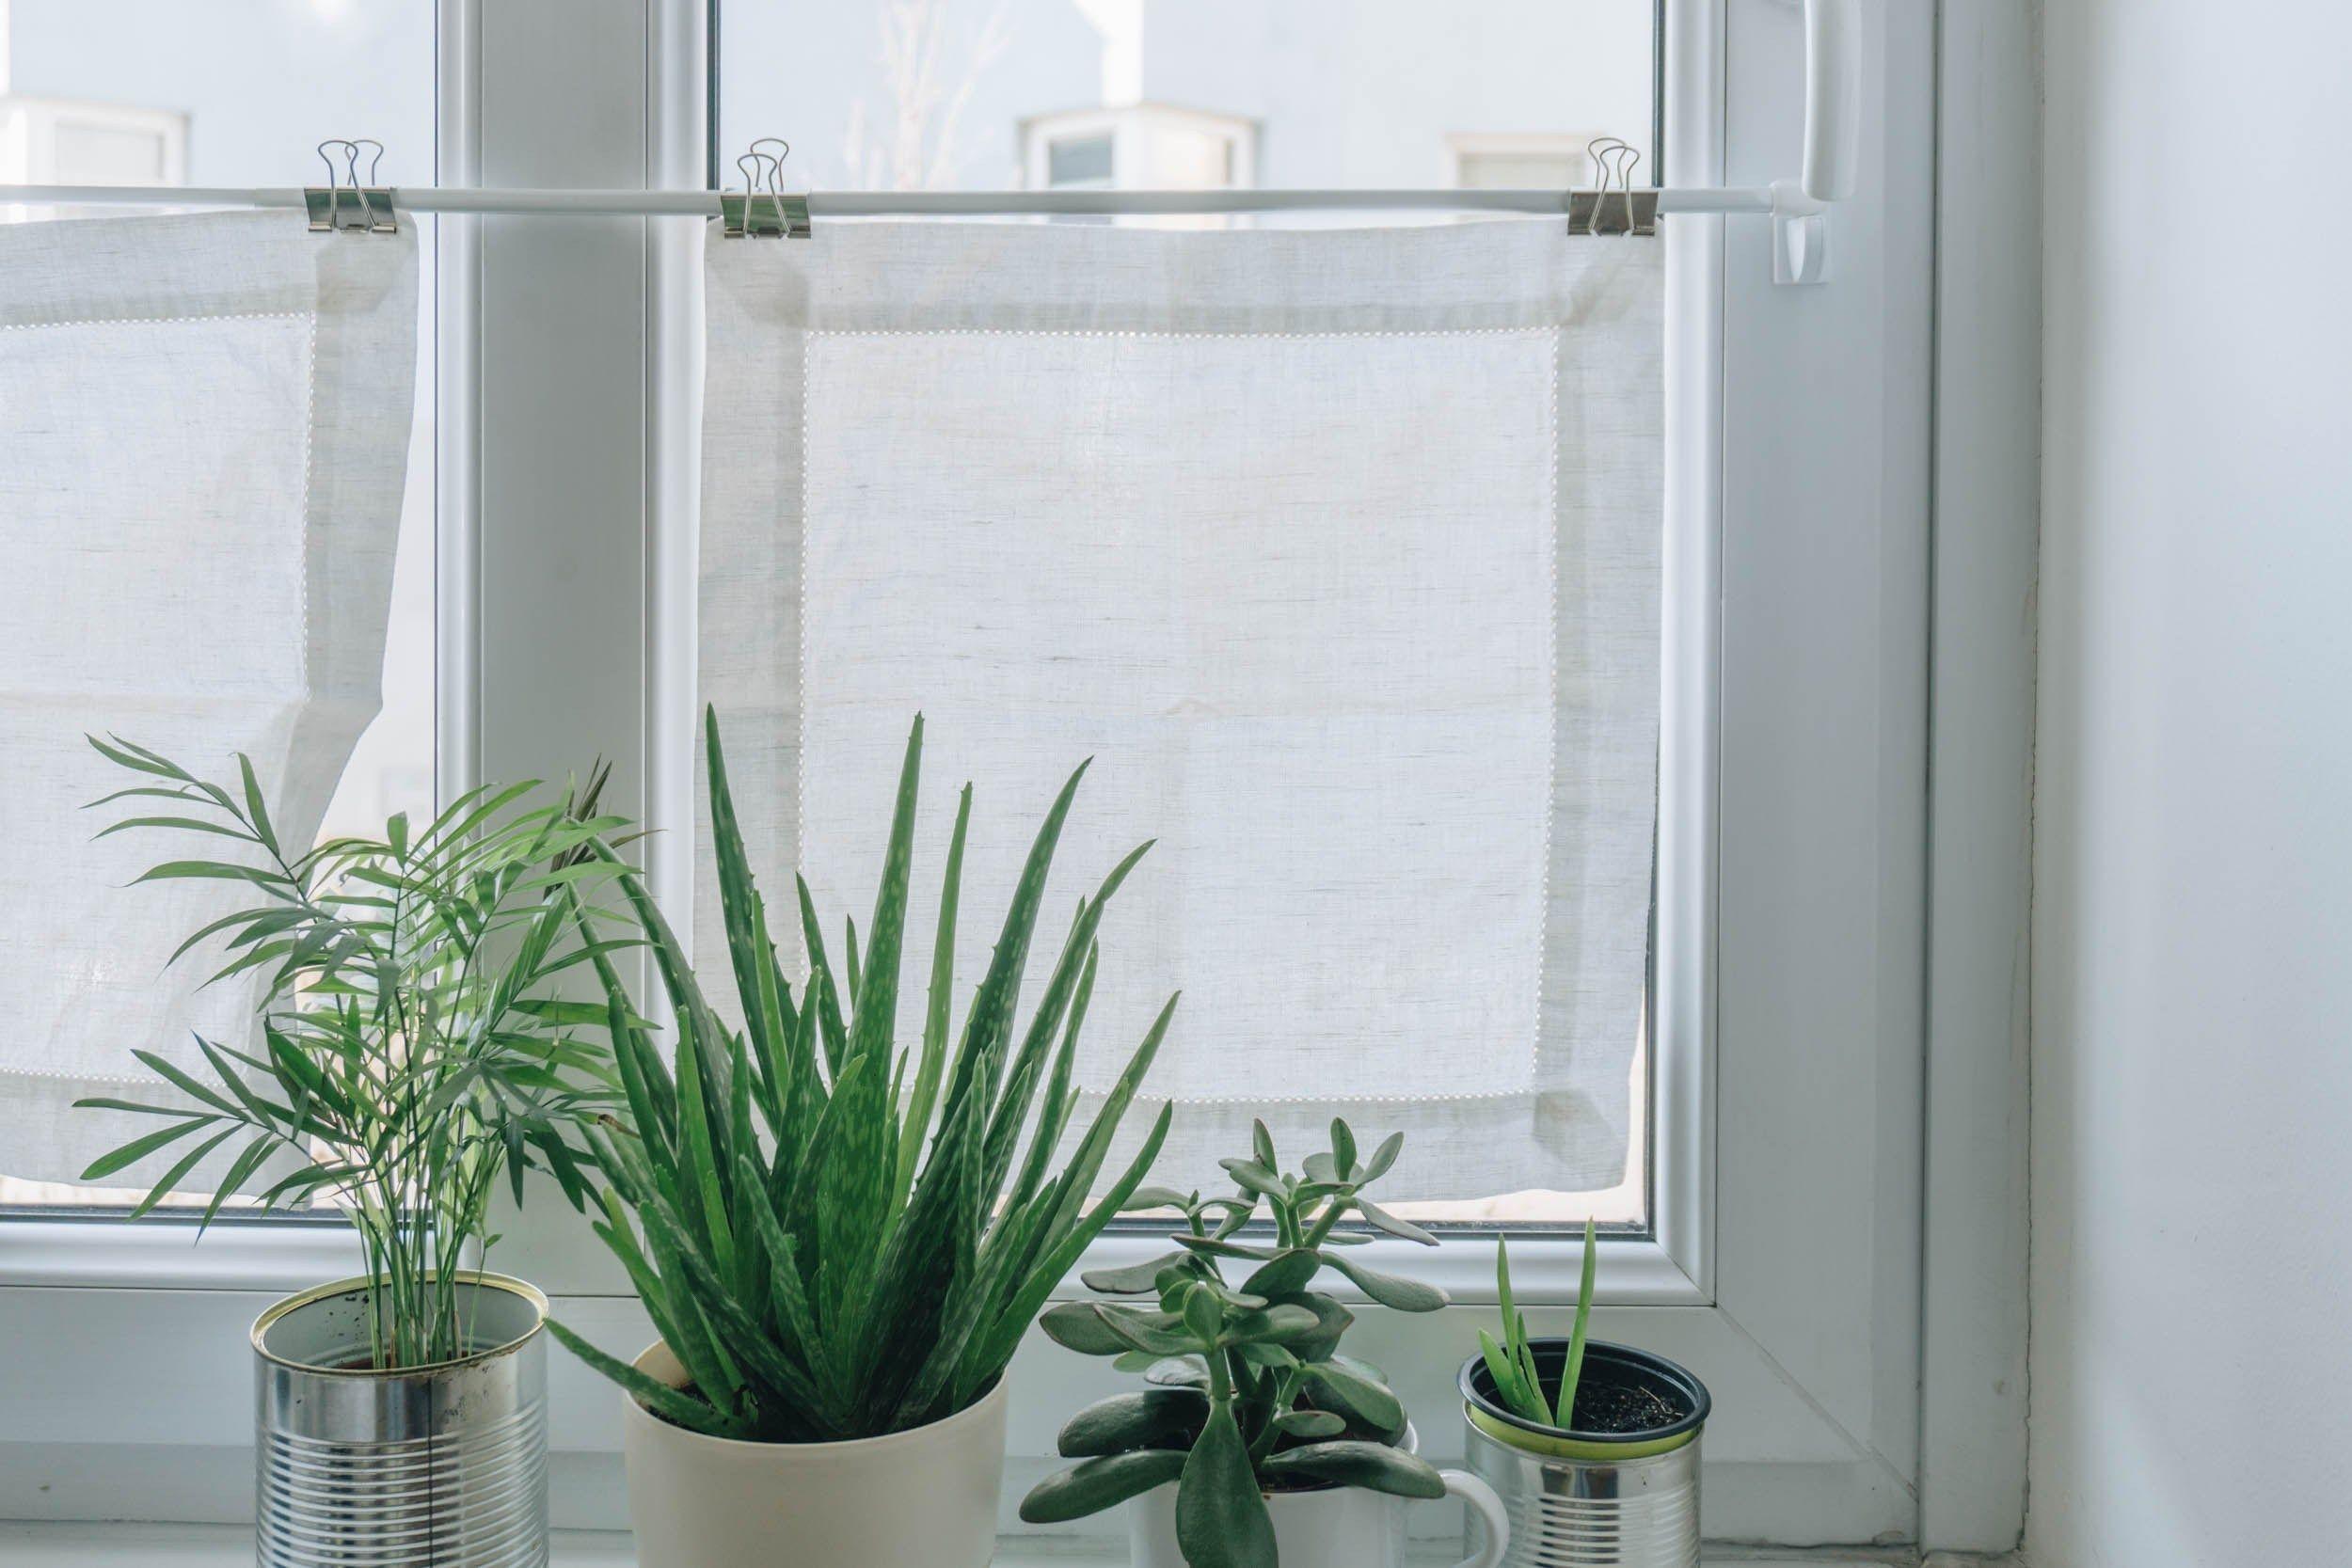 Diy Wohnzimmer Diy Mini Fenster Vorhänge Als Sichtschutz Das Diy Lifestyle Magazin Diy Wohnzimmer Vorhänge Badezimmer Ohne Fenster